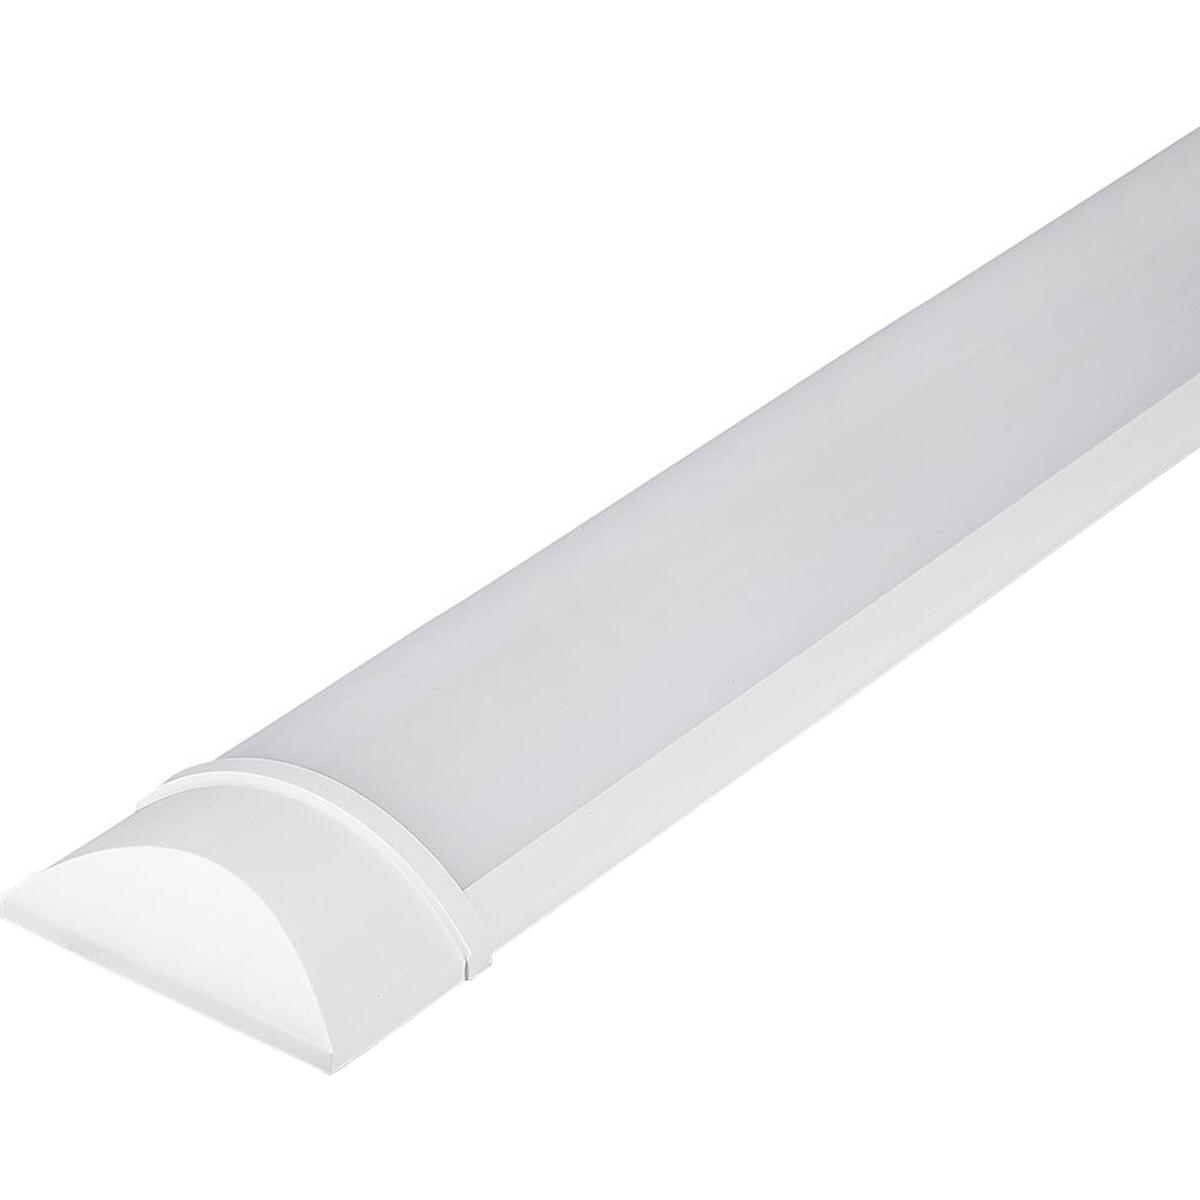 SAMSUNG - LED Balk - Viron Lavaz - 10W High Lumen - Helder/Koud Wit 6400K - Mat Wit - Kunststof - 30